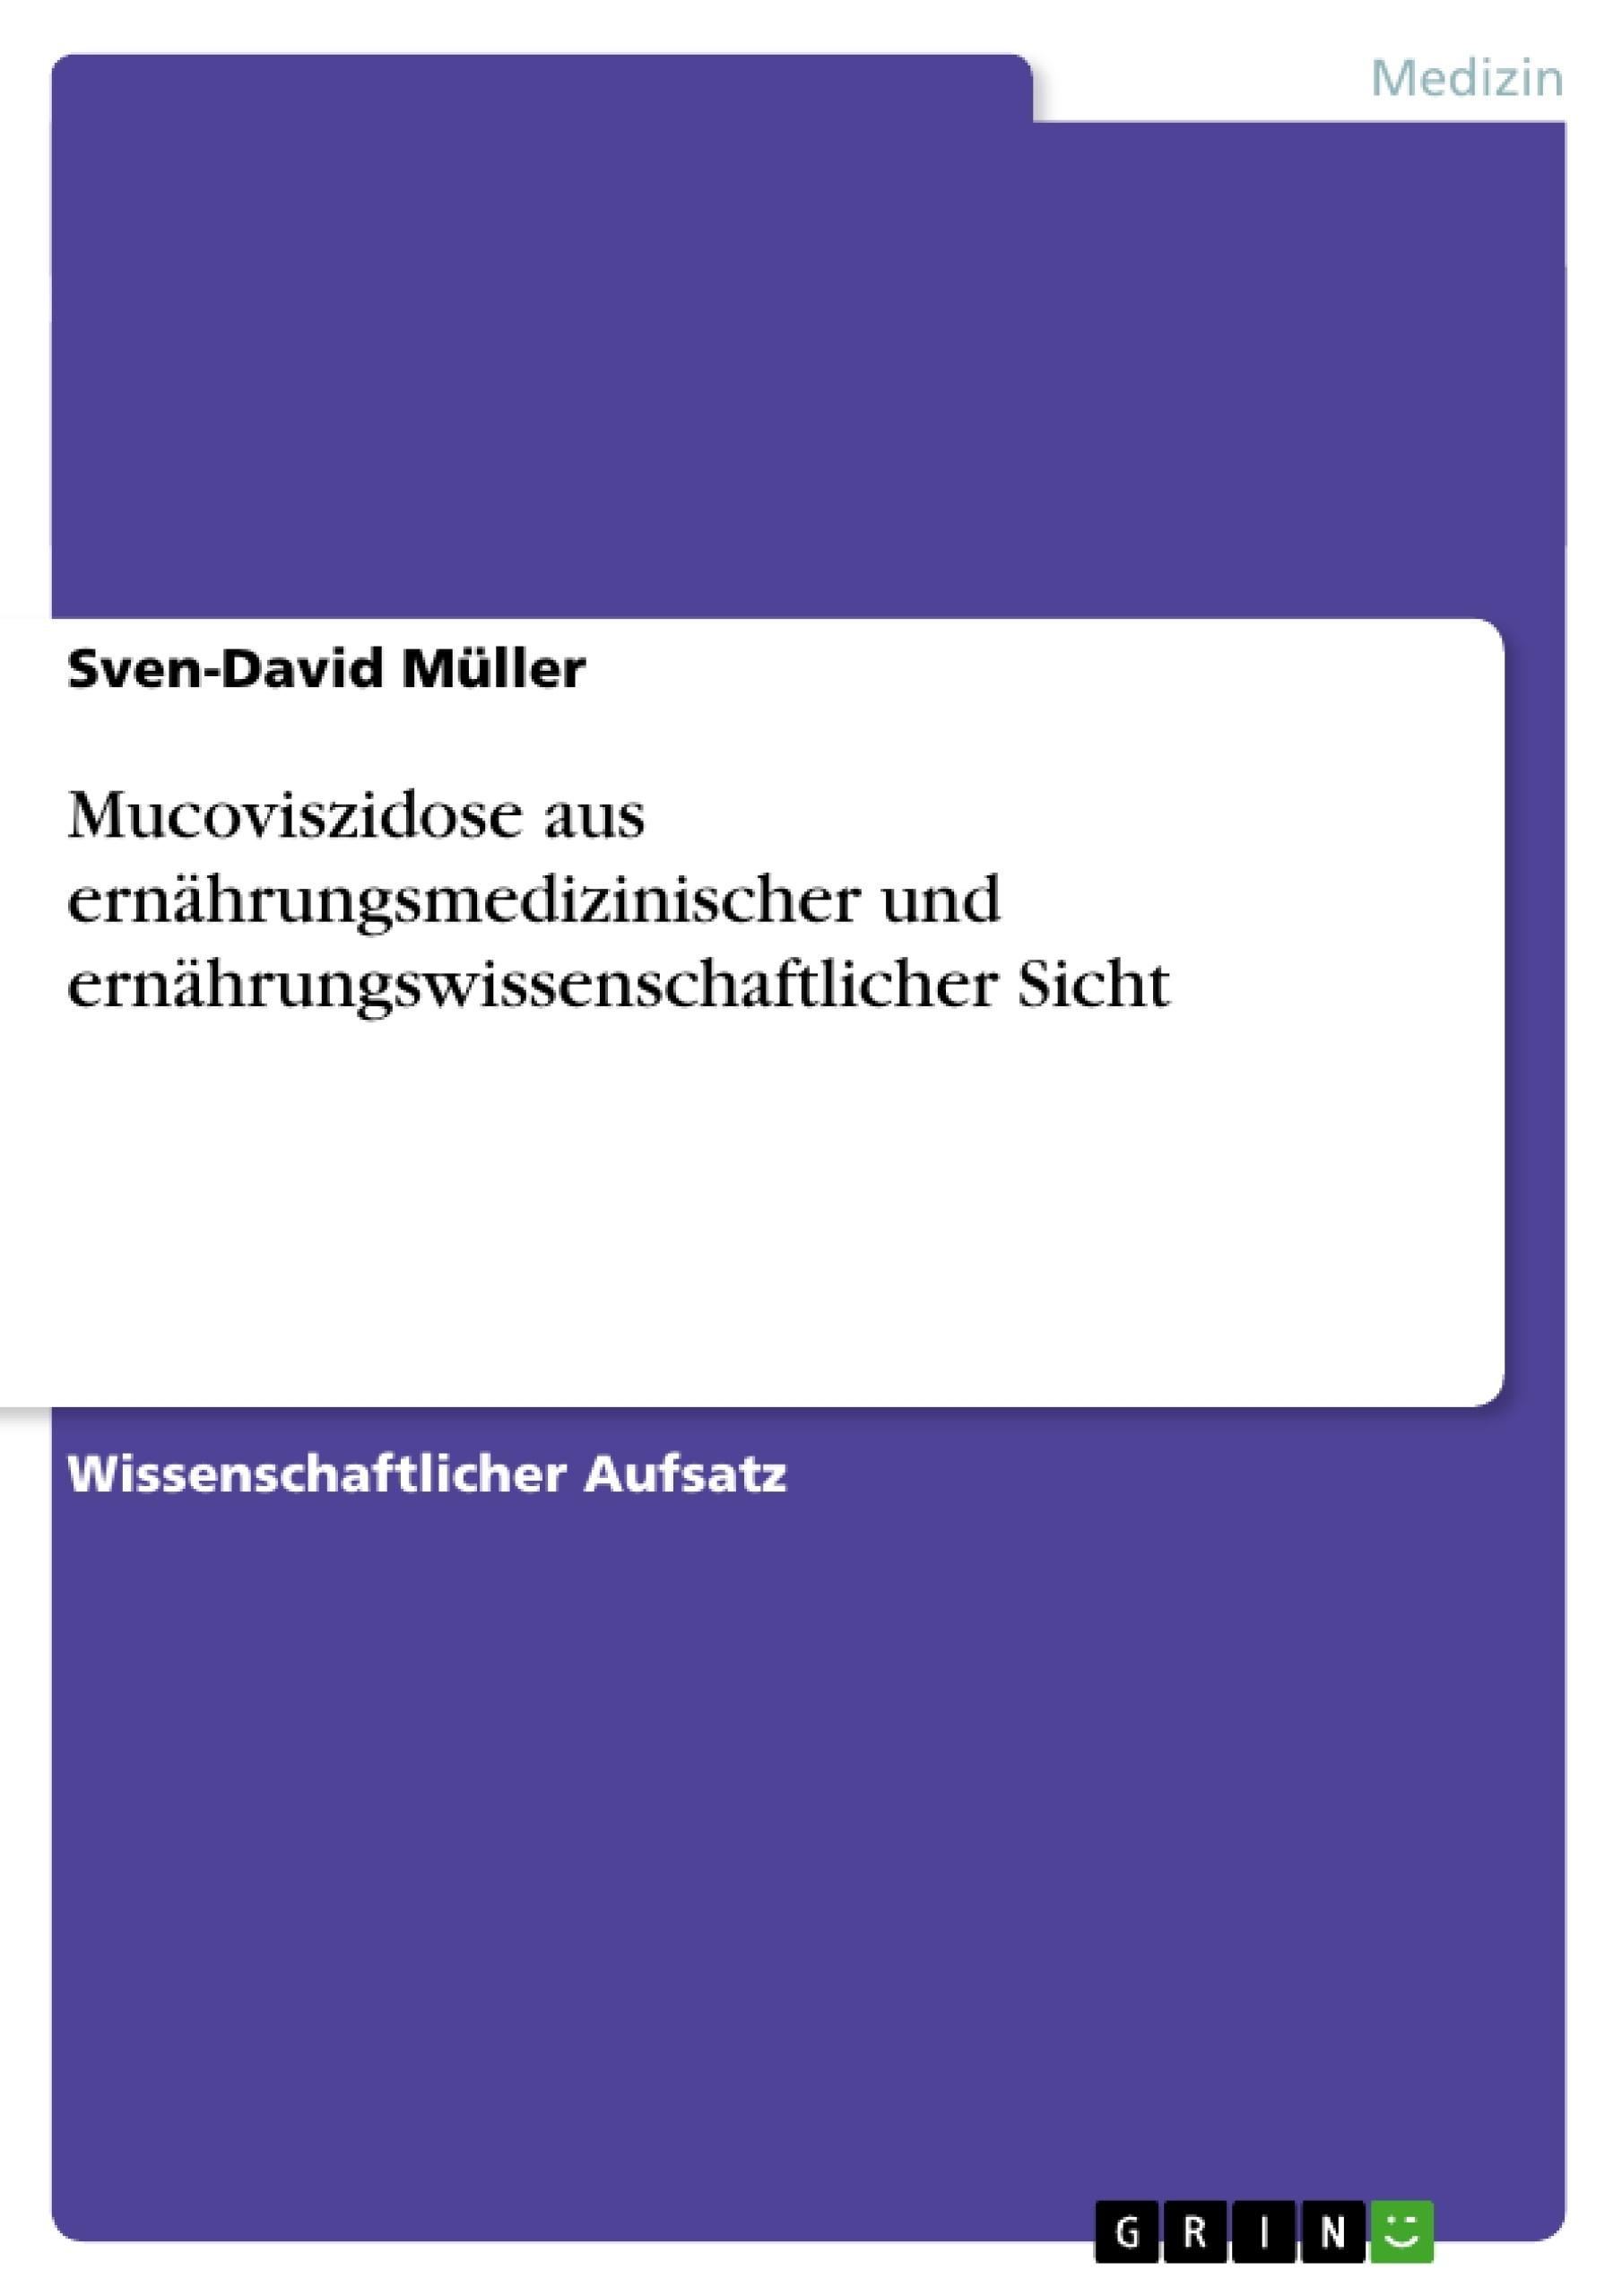 Titel: Mucoviszidose aus ernährungsmedizinischer und ernährungswissenschaftlicher Sicht